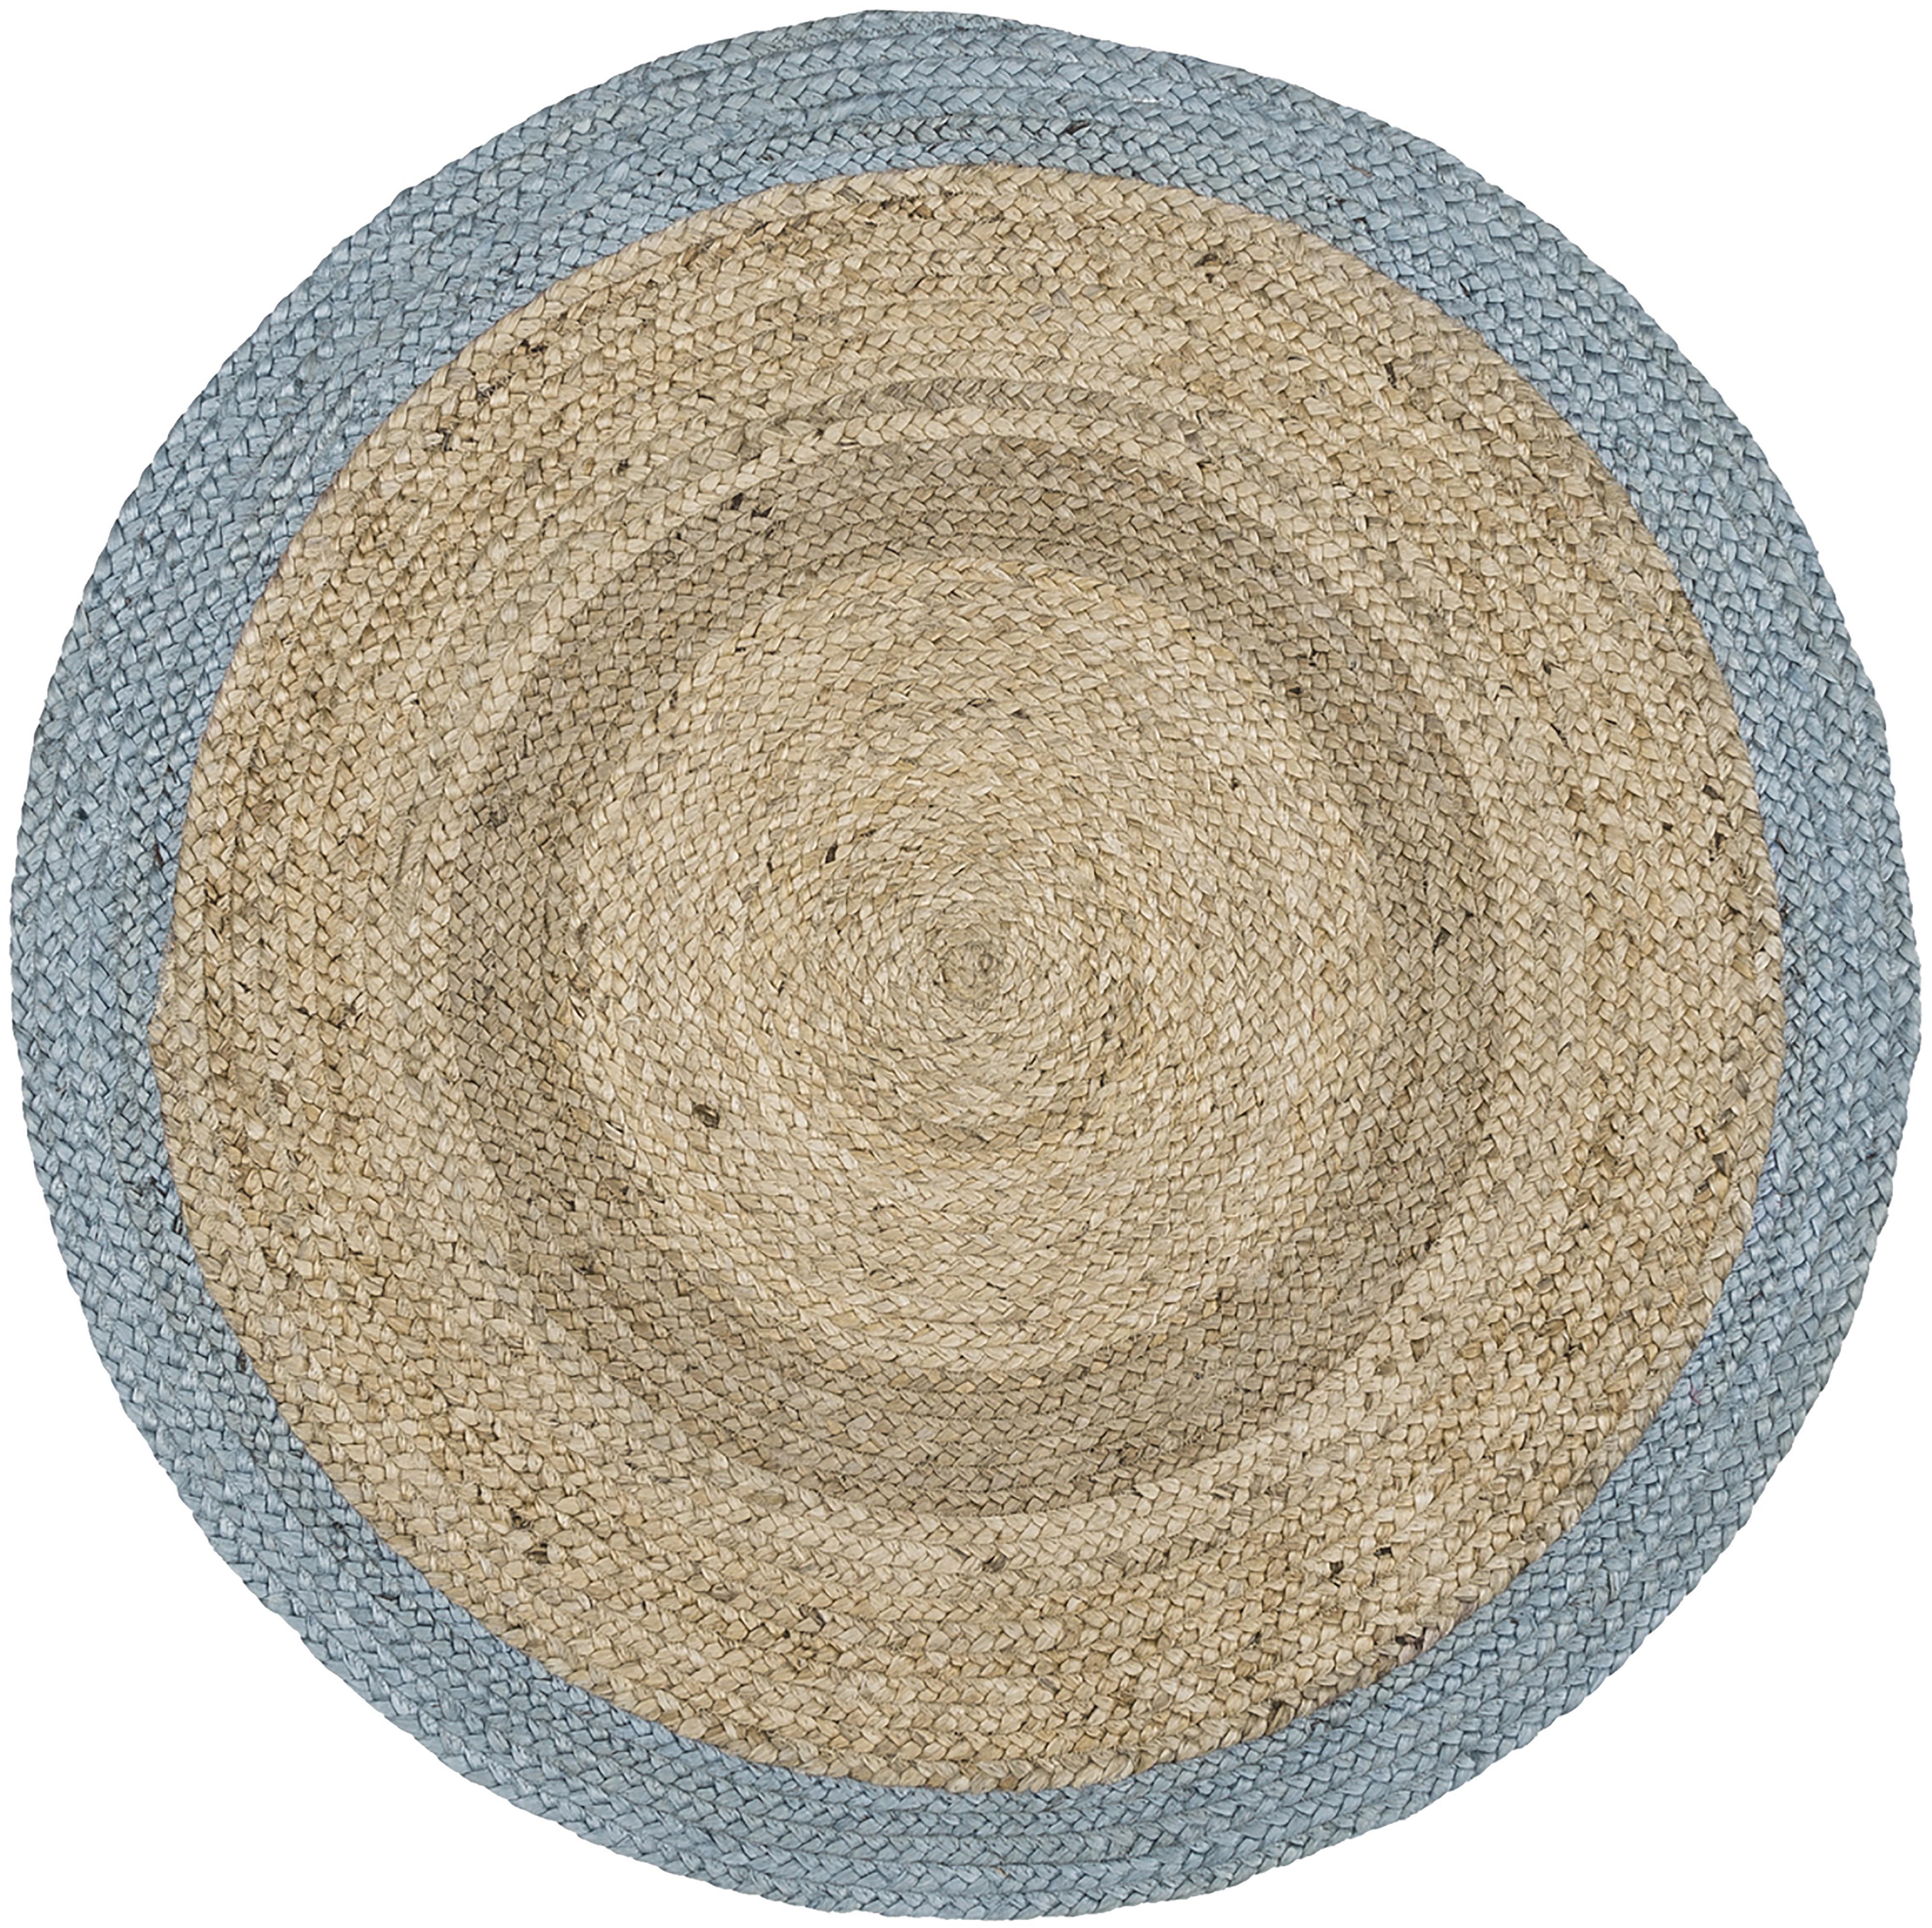 Runder Jute-Teppich Shanta mit blauem Rand, handgefertigt, Jute, Taubenblau, Ø 100 cm (Größe XS)